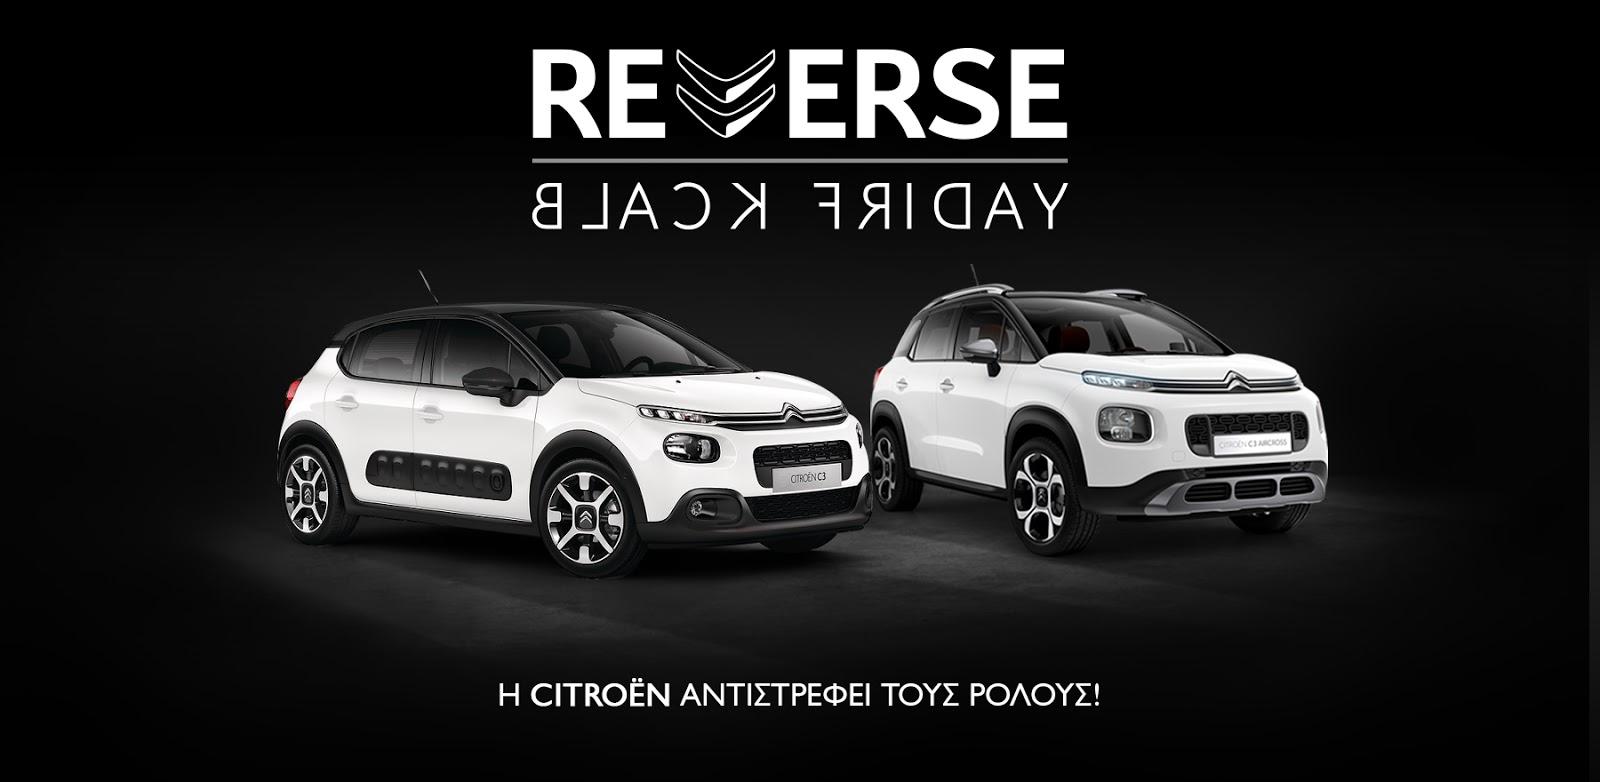 Citroen Reverse Black Friday H Citroen αλλάζει τη Black Friday! citroen, καινούρια, προσφορές, τιμες